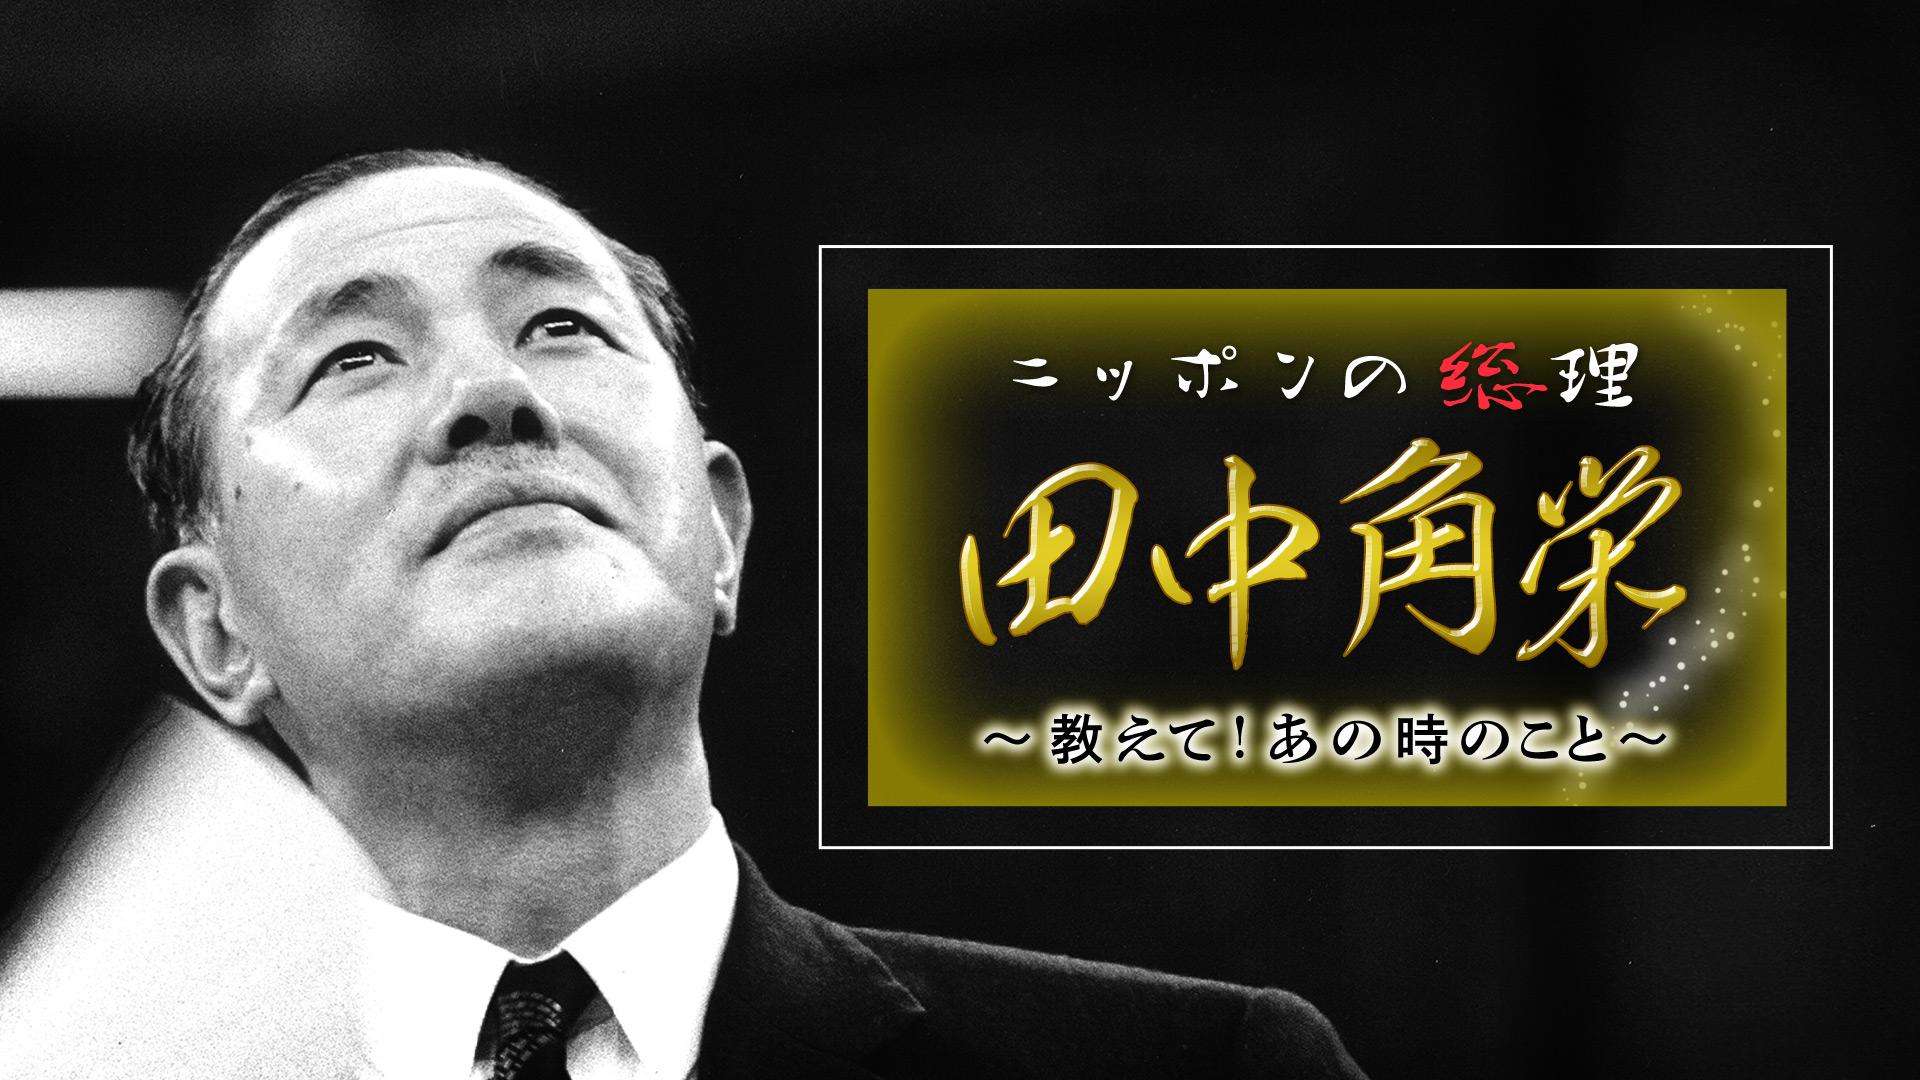 無料テレビでニッポンの総理・田中角栄~教えて!あの時のこと~を視聴する